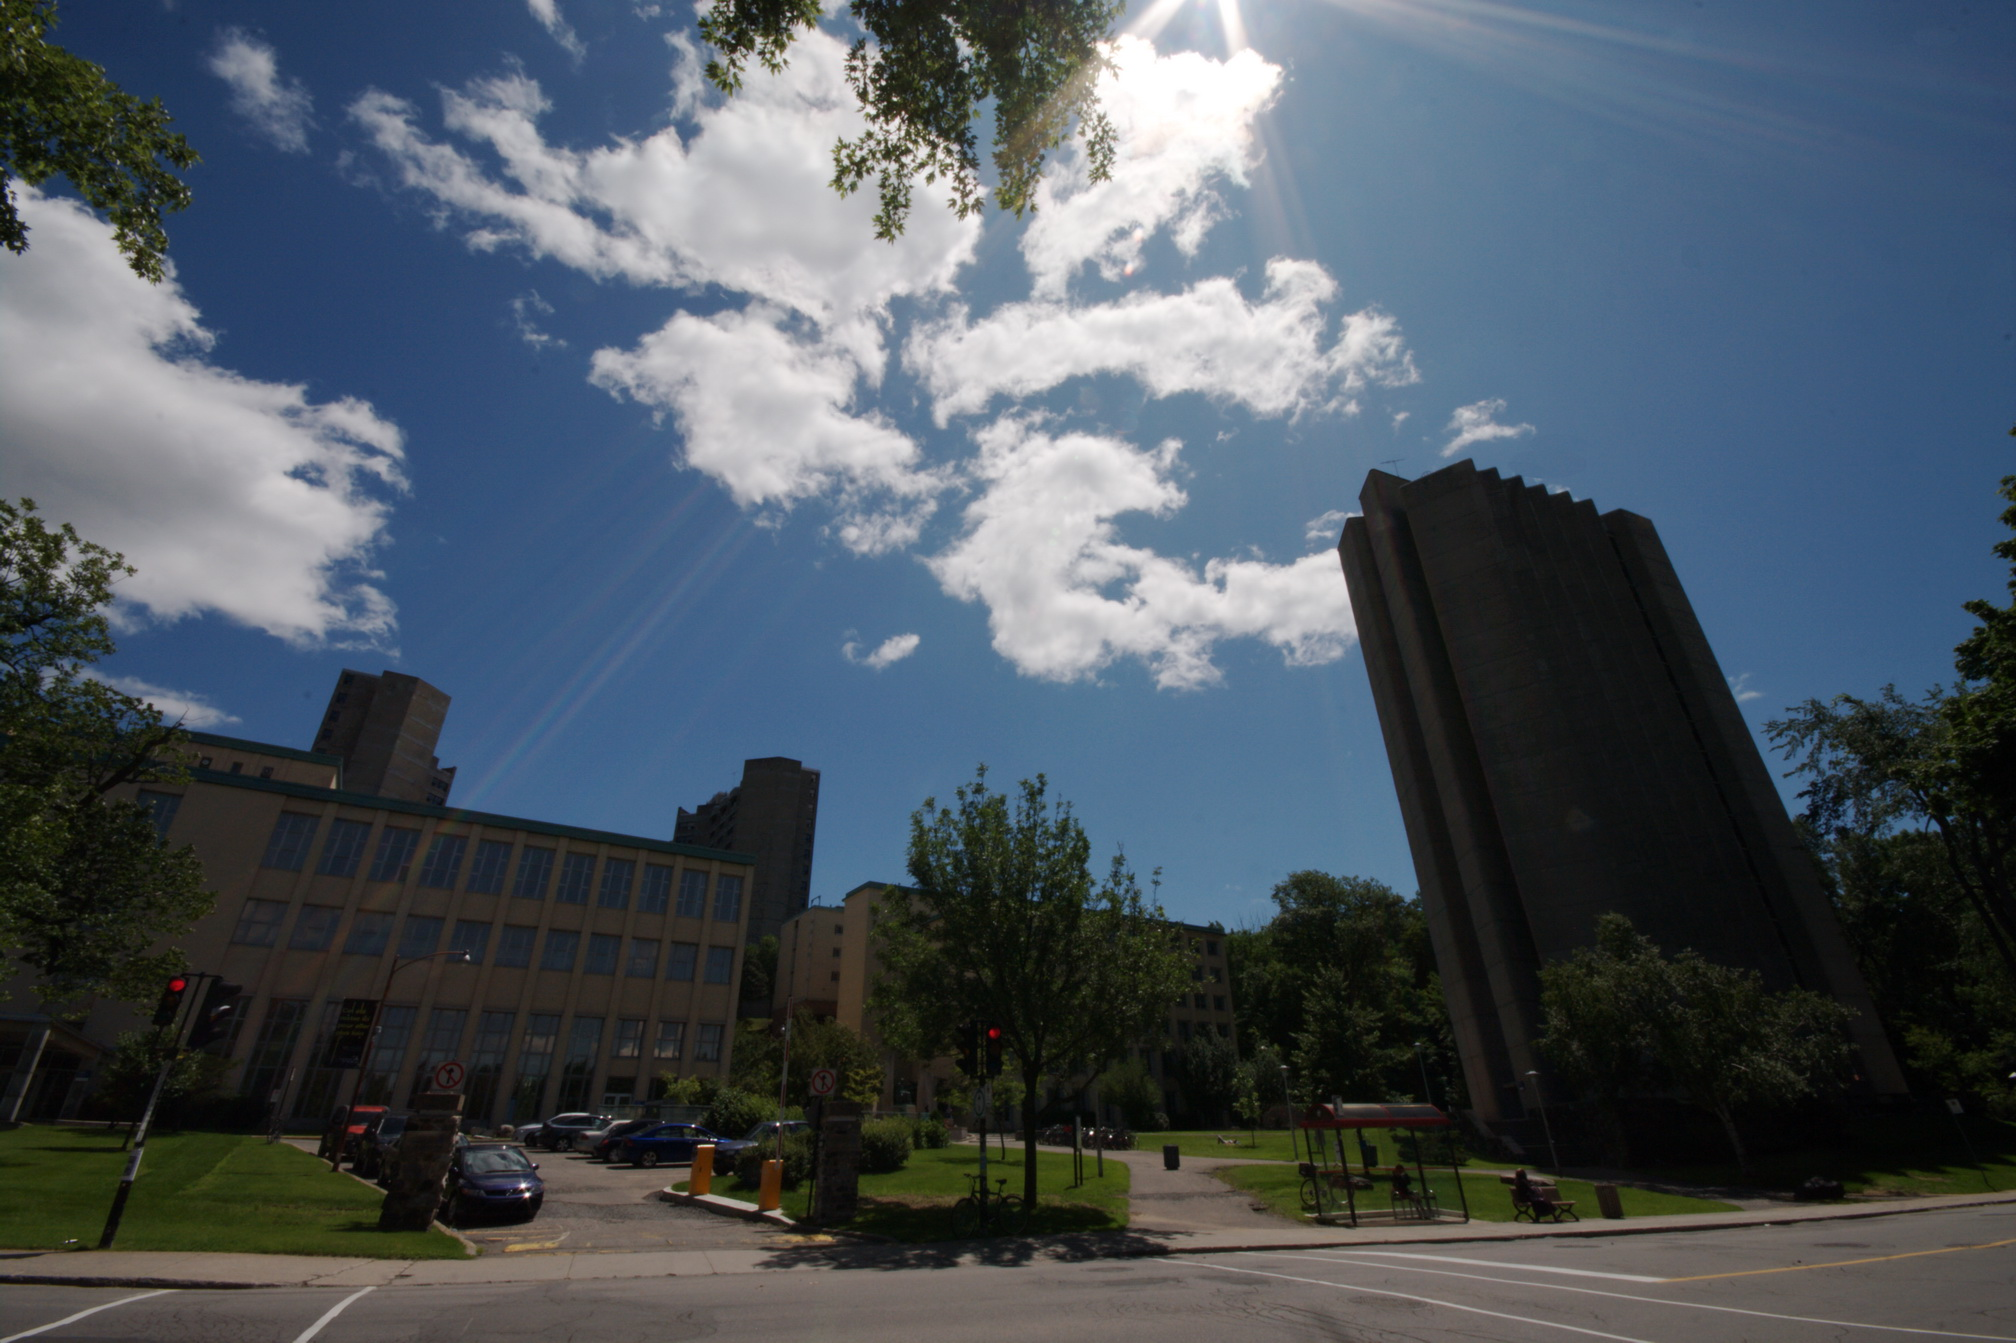 L universit de montr al la cit du savoir sur le mont - Residence les jardins de l universite ...